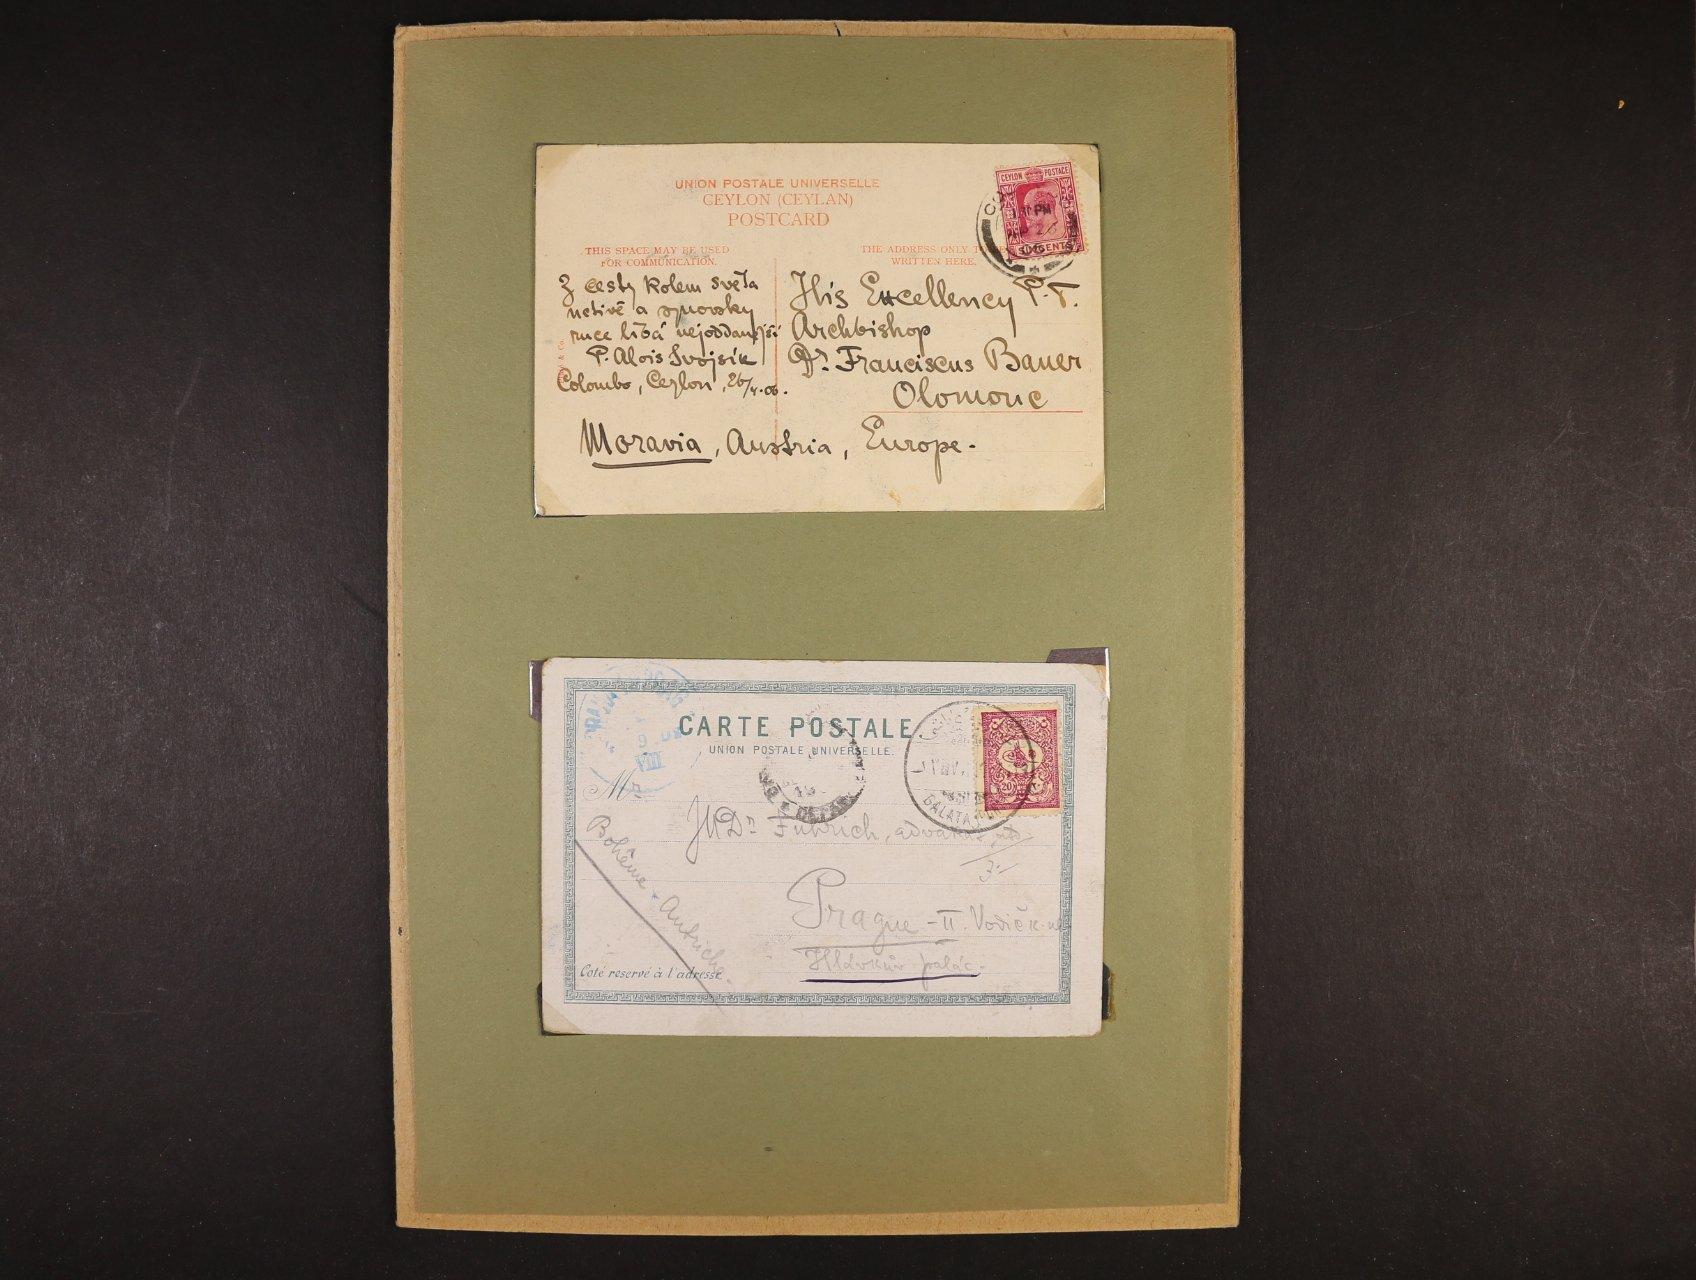 Svojsík Antonín Benjamin 1876 - 1938, pedagog, zakladatel Junáka a českého skautingu - tři vlastnoručně psané pohlednice z New Yorku, Ceylonu a Turecka s podpisem